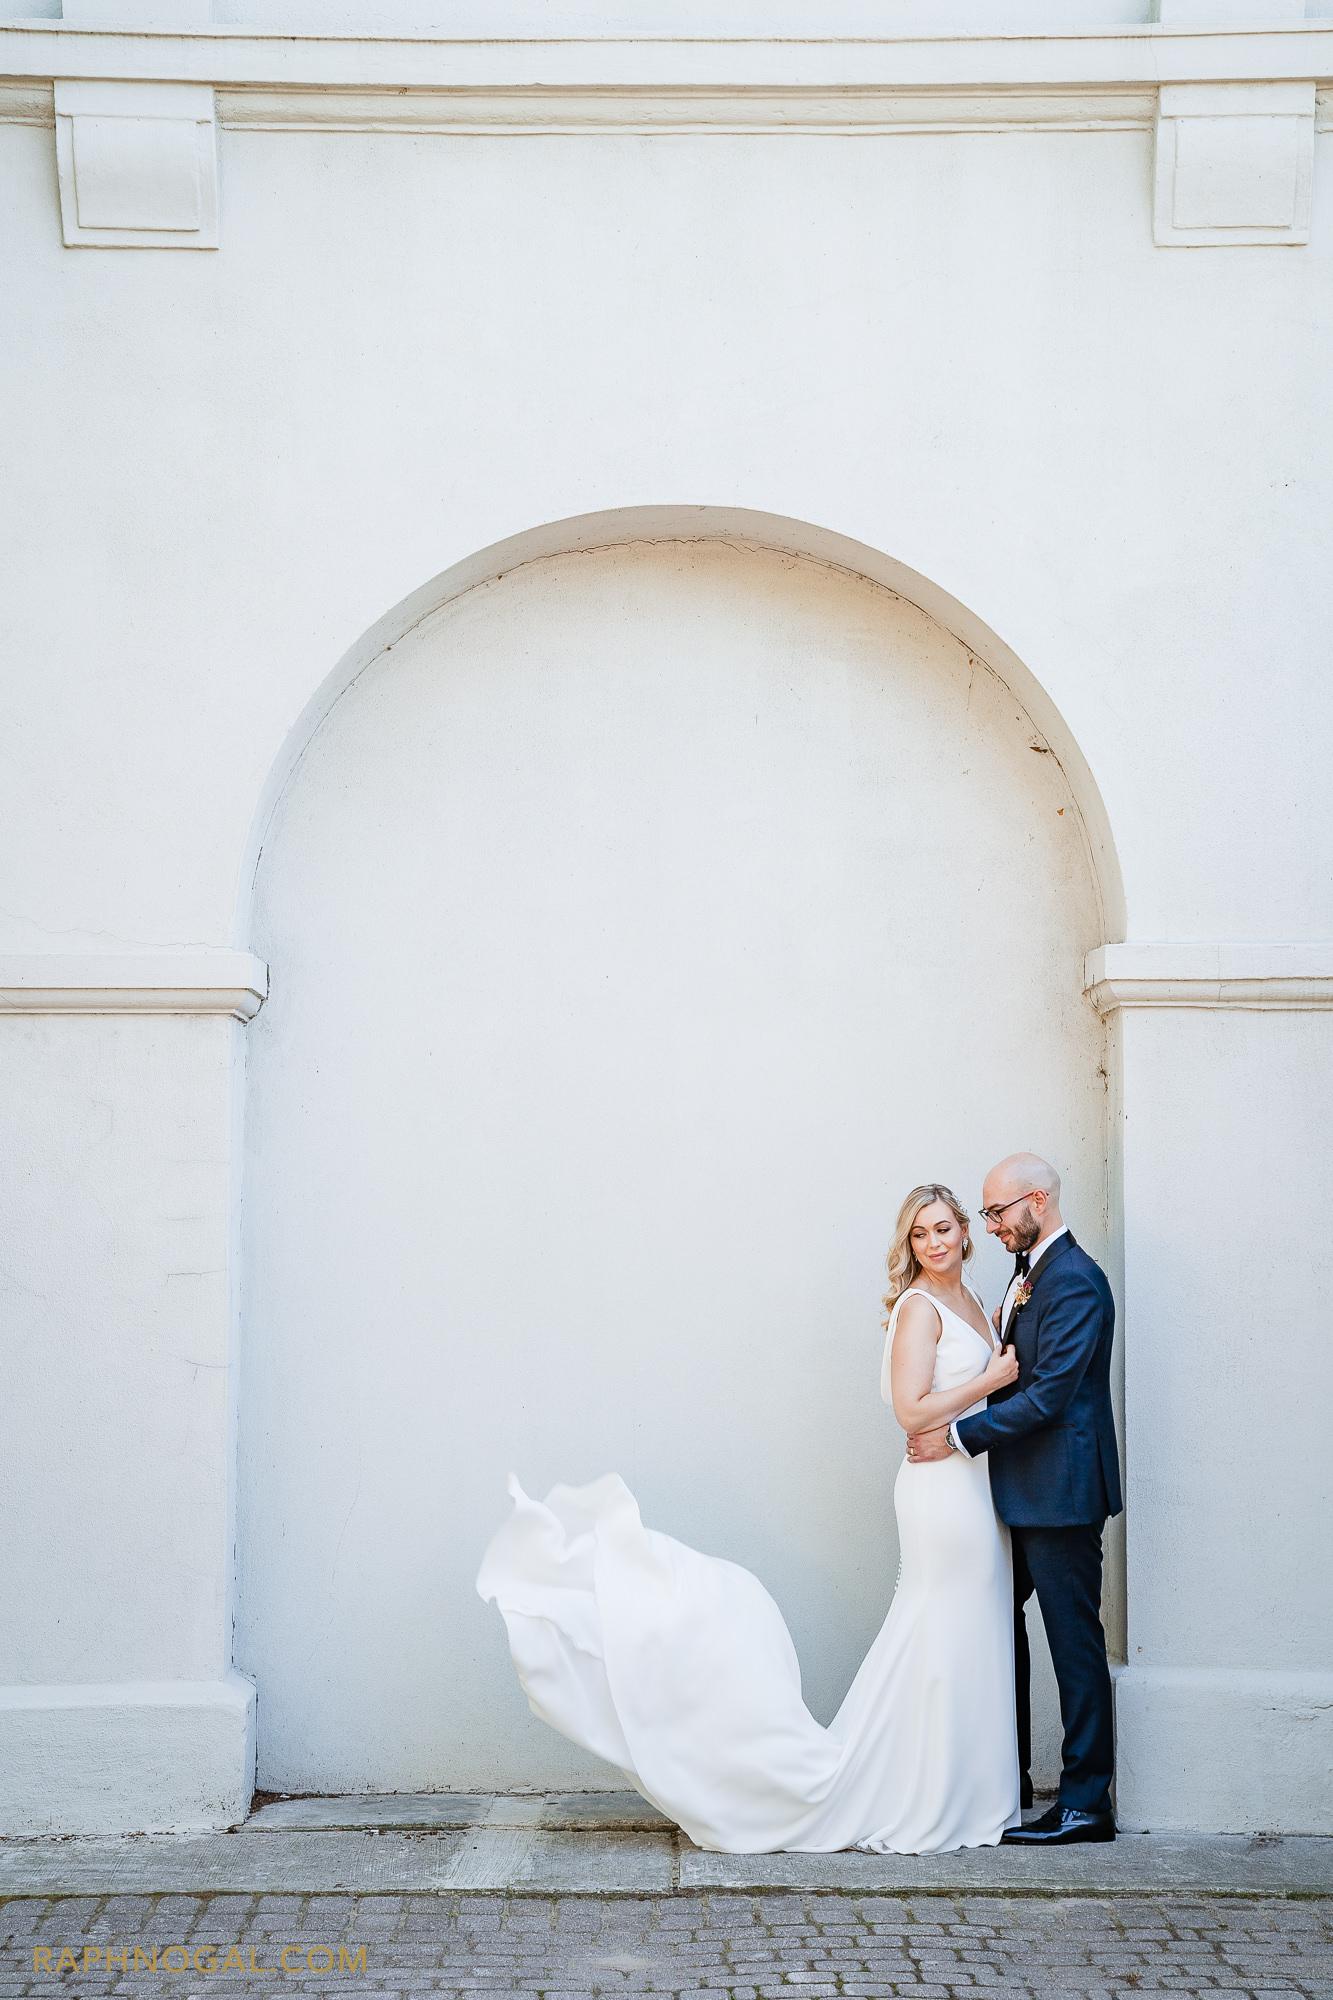 Sunnyside Pavilion wedding photos